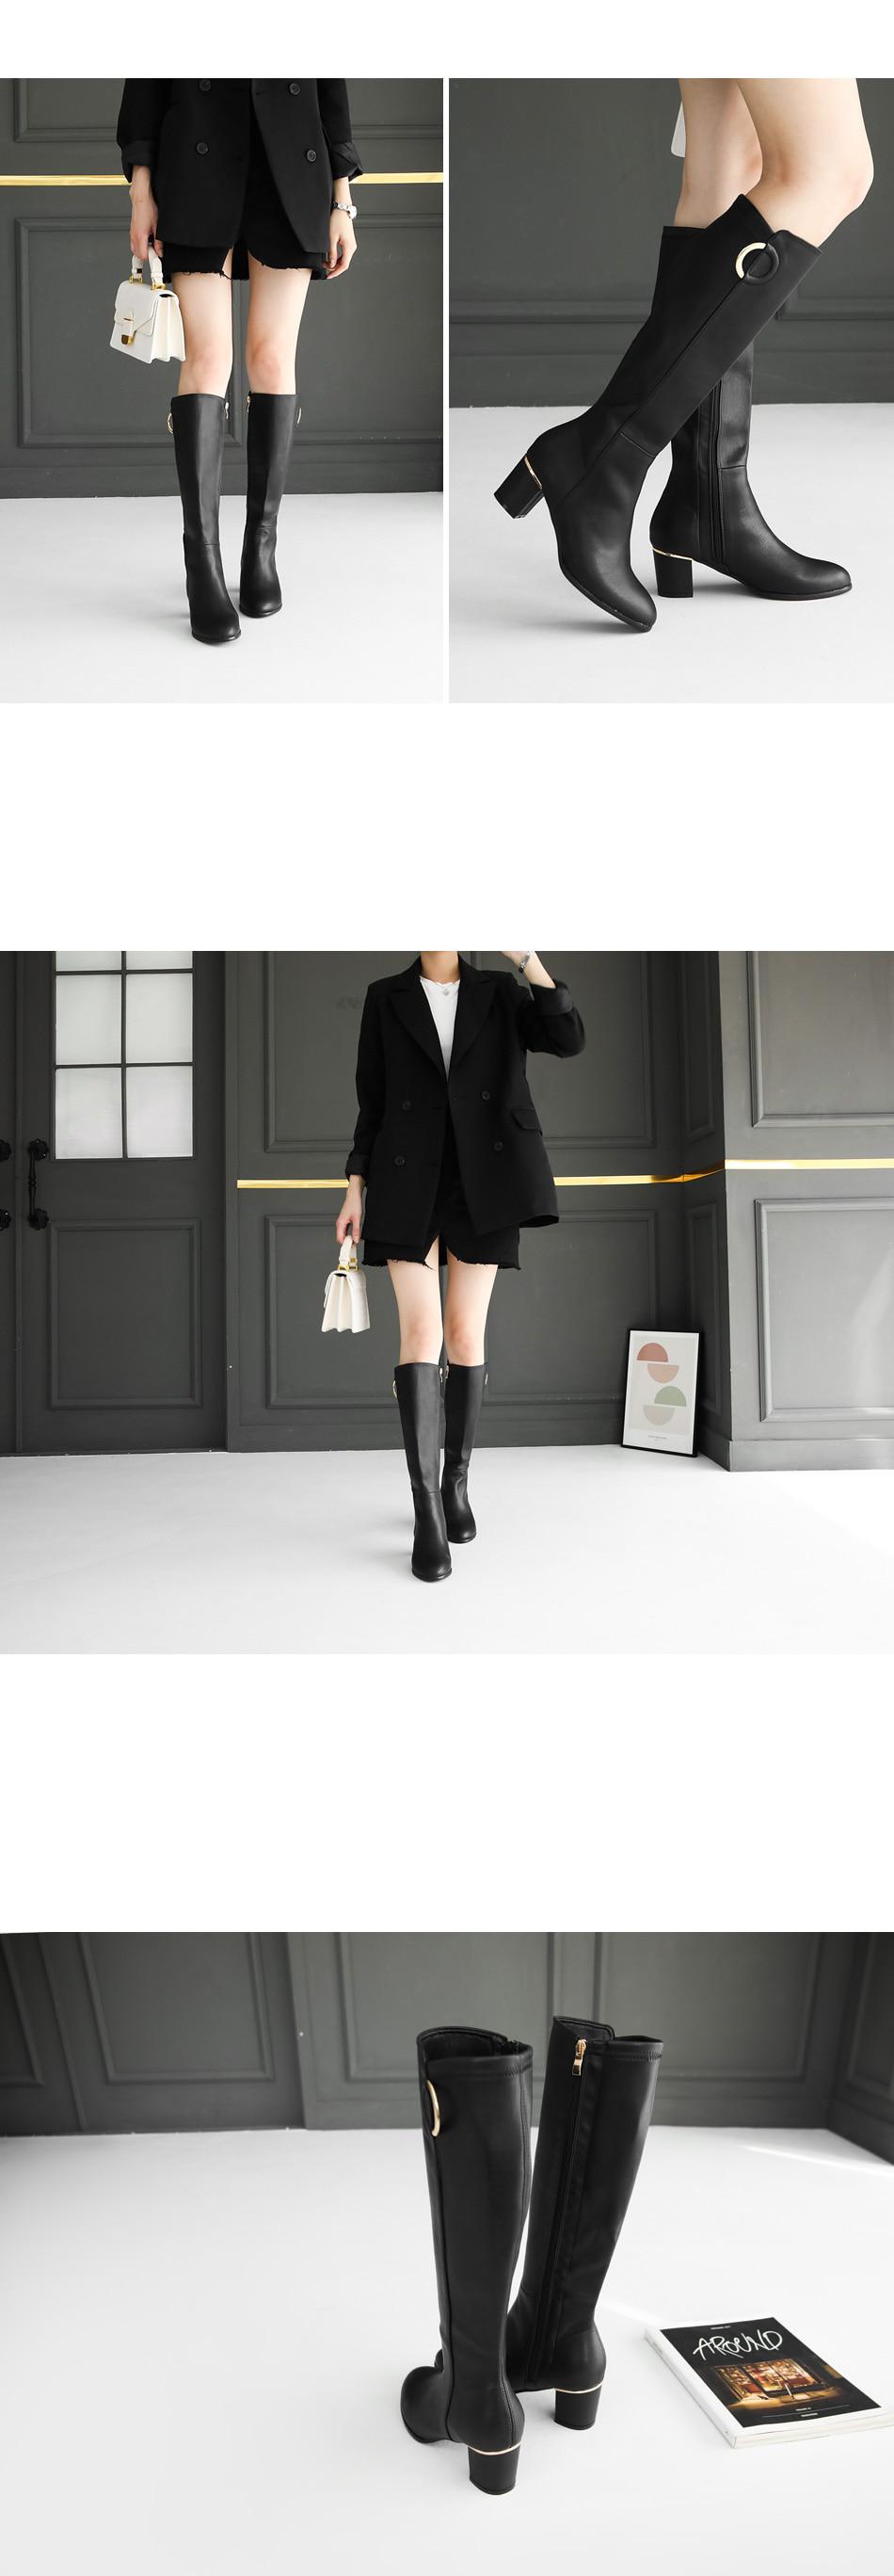 Shuek Middle & Long Boots 6cm